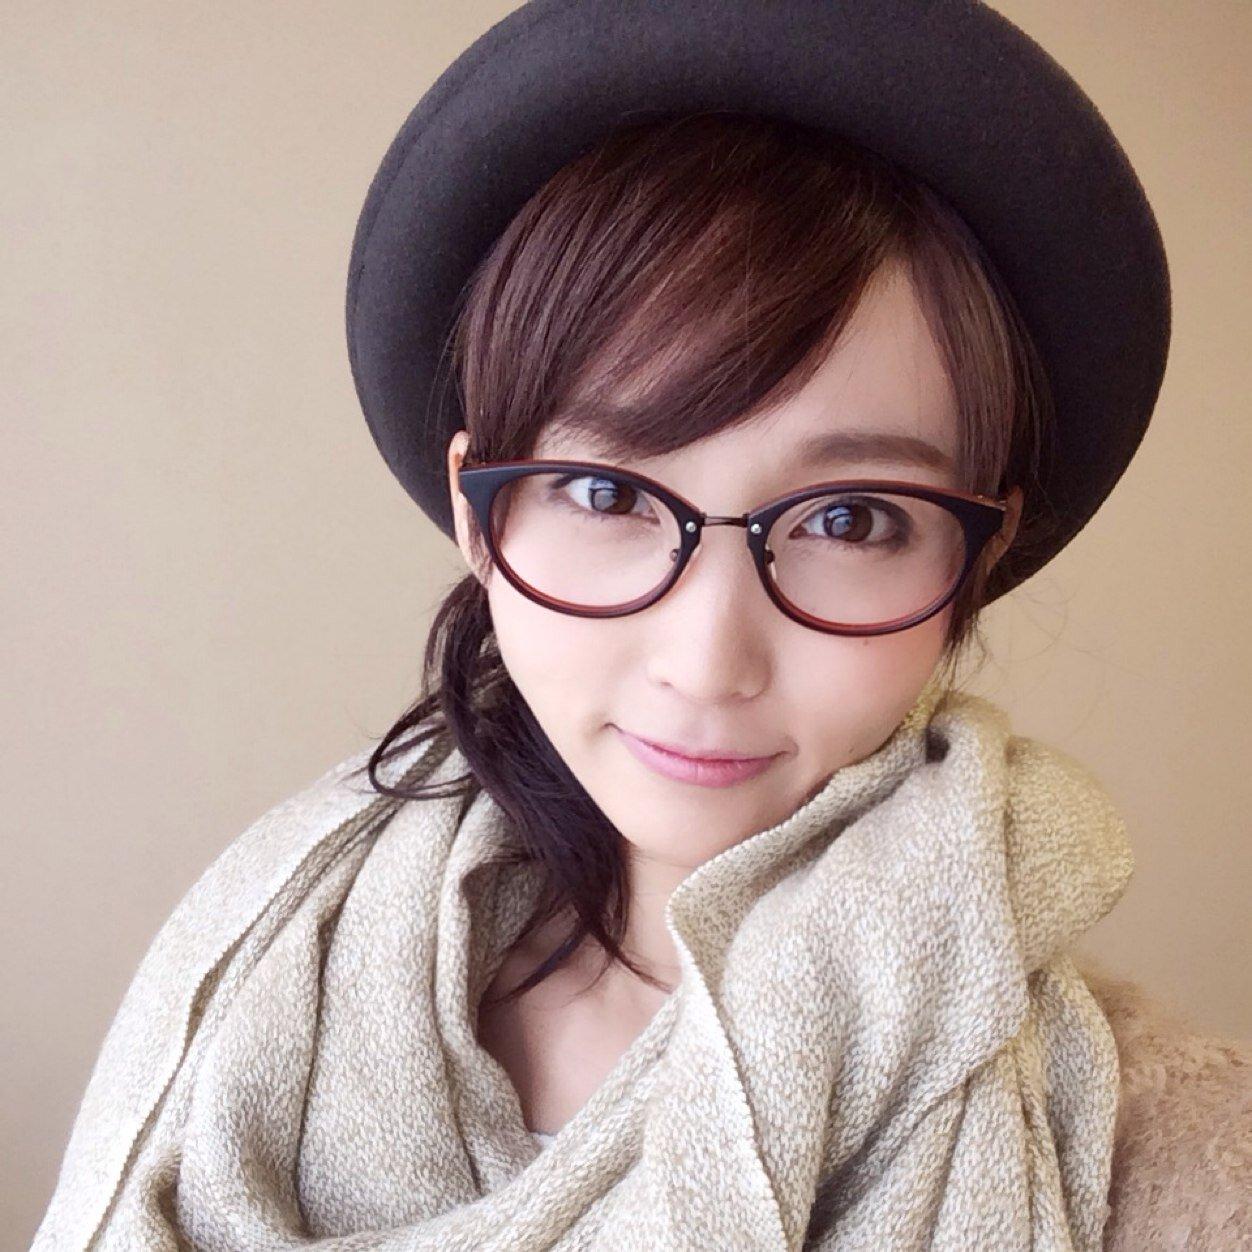 大きめ眼鏡をかけた吉木りさの私服の画像